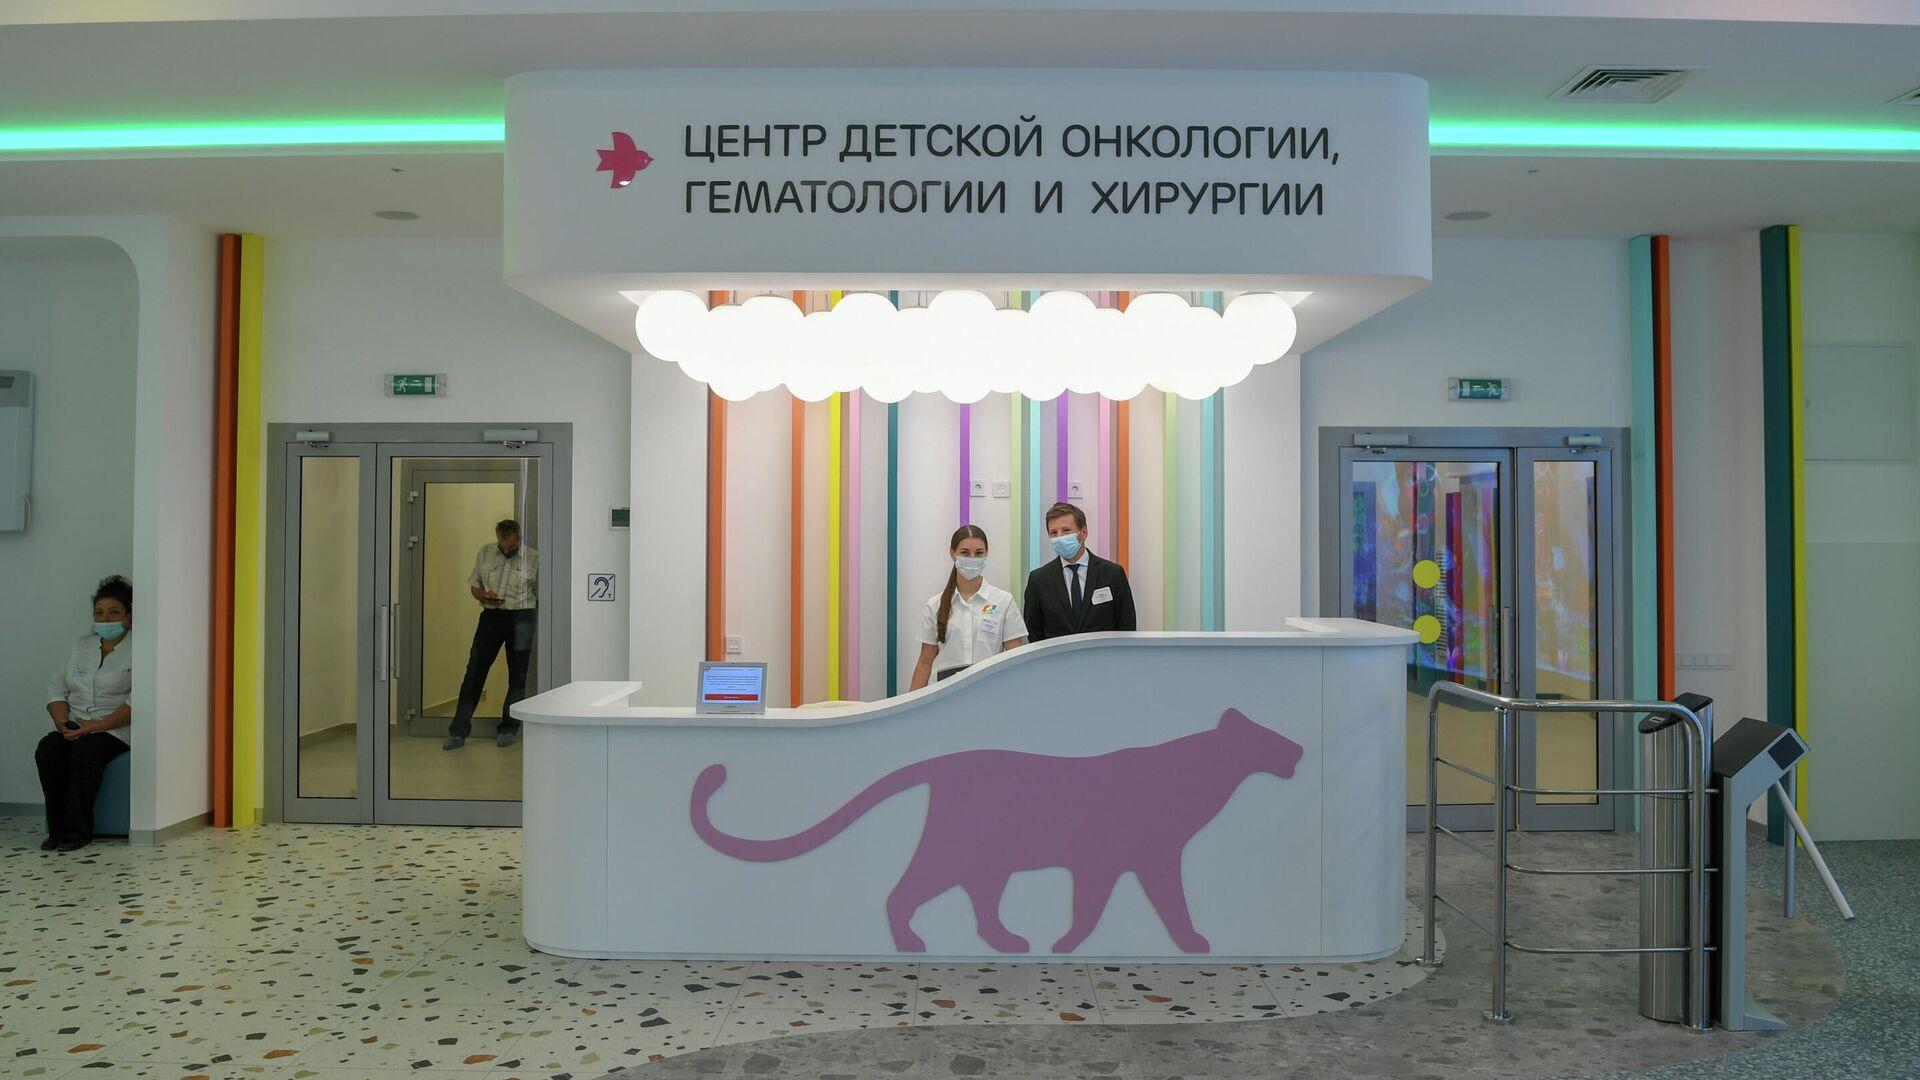 В Казани открылся Центр детской онкологии, гематологии и хирургии при ДРКБ - РИА Новости, 1920, 18.06.2021